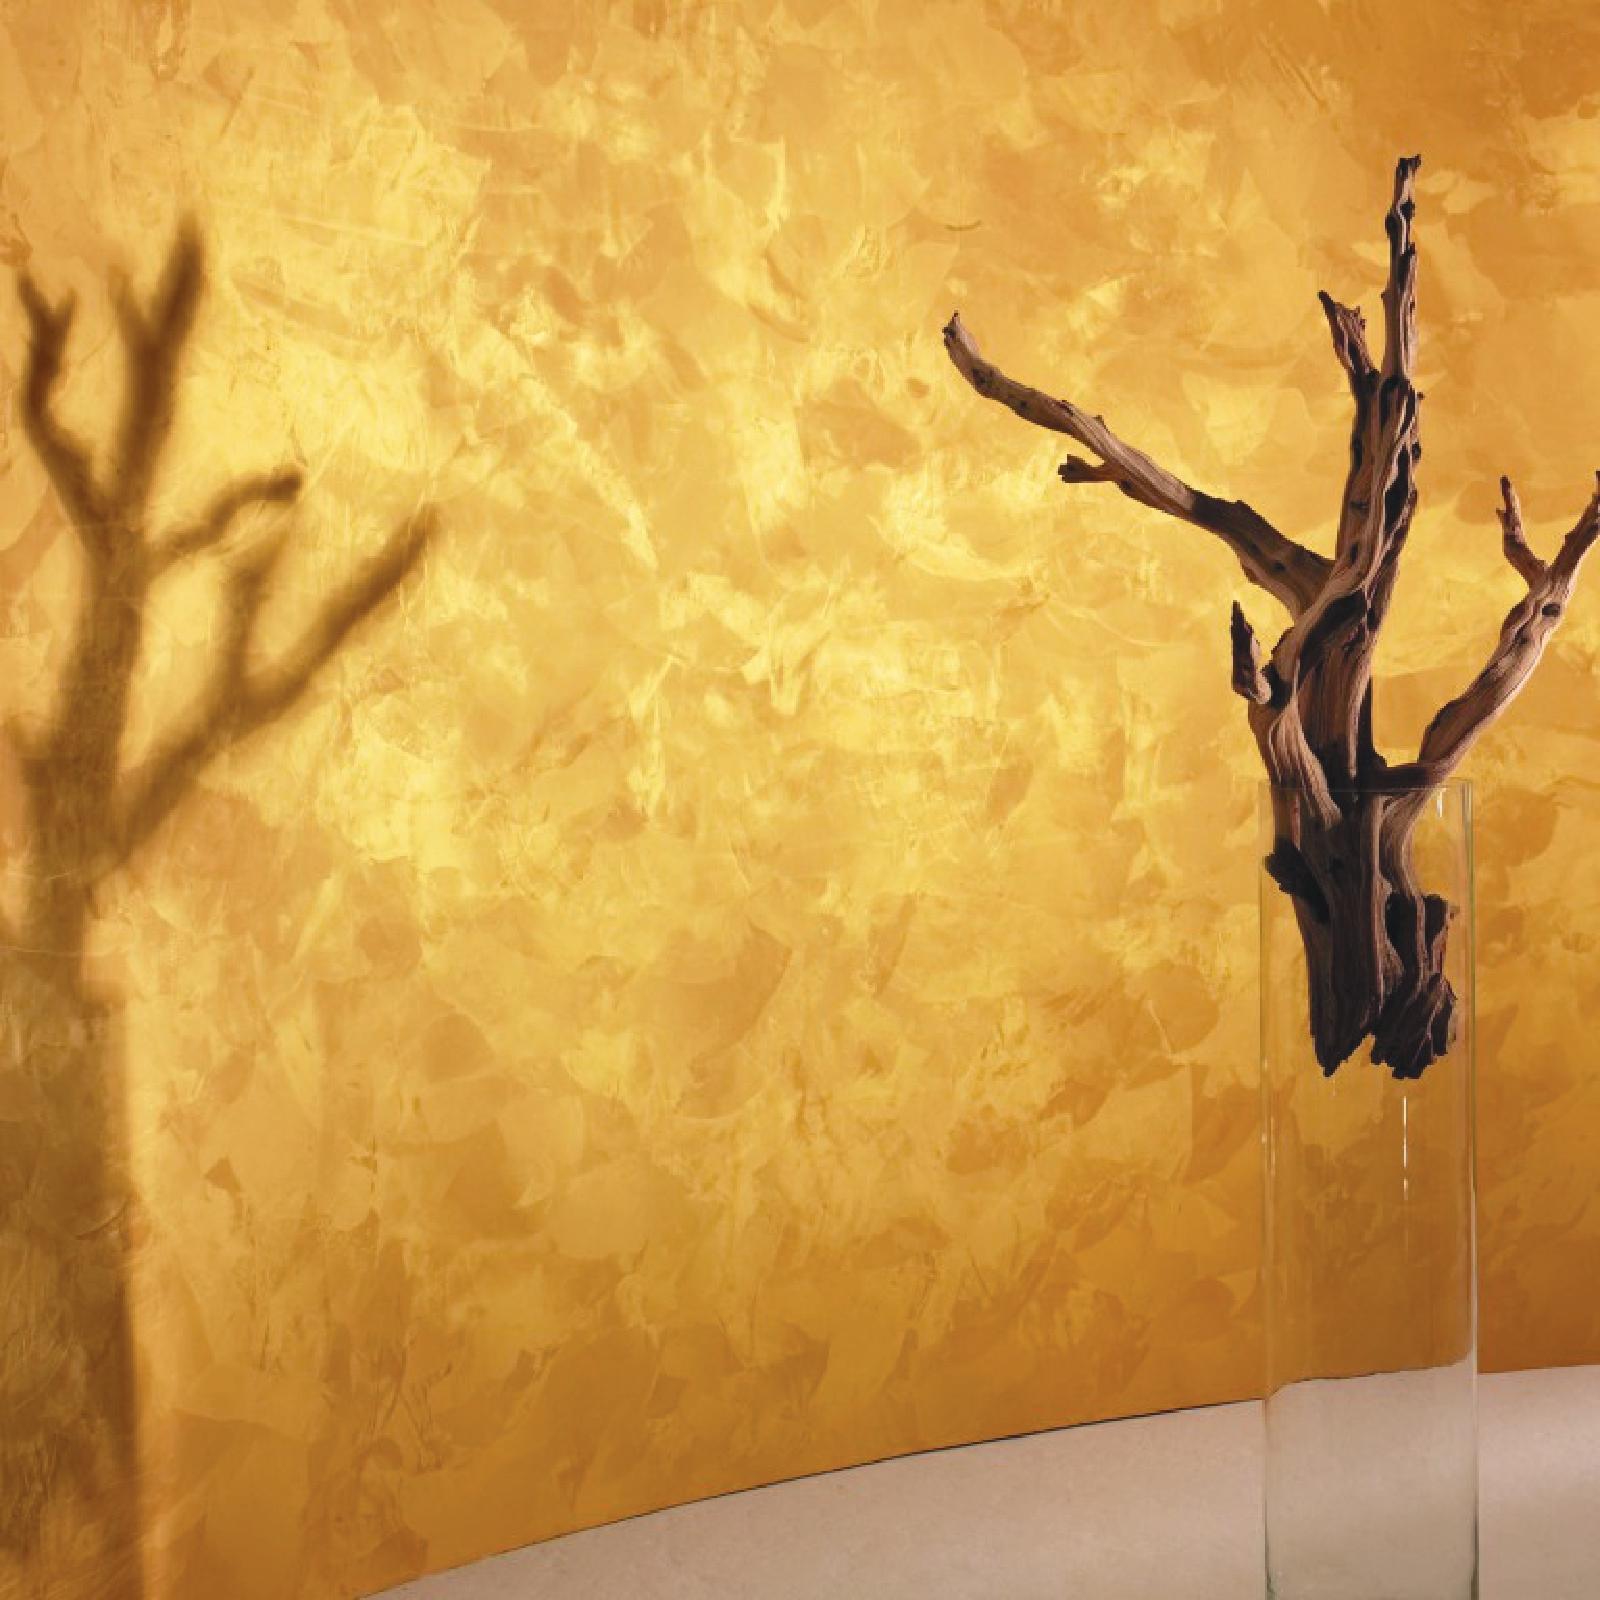 Sơn hiệu ứng Waldo-Sơn hiệu ứng nhũ vàng dành cho thiết kế khách sạn